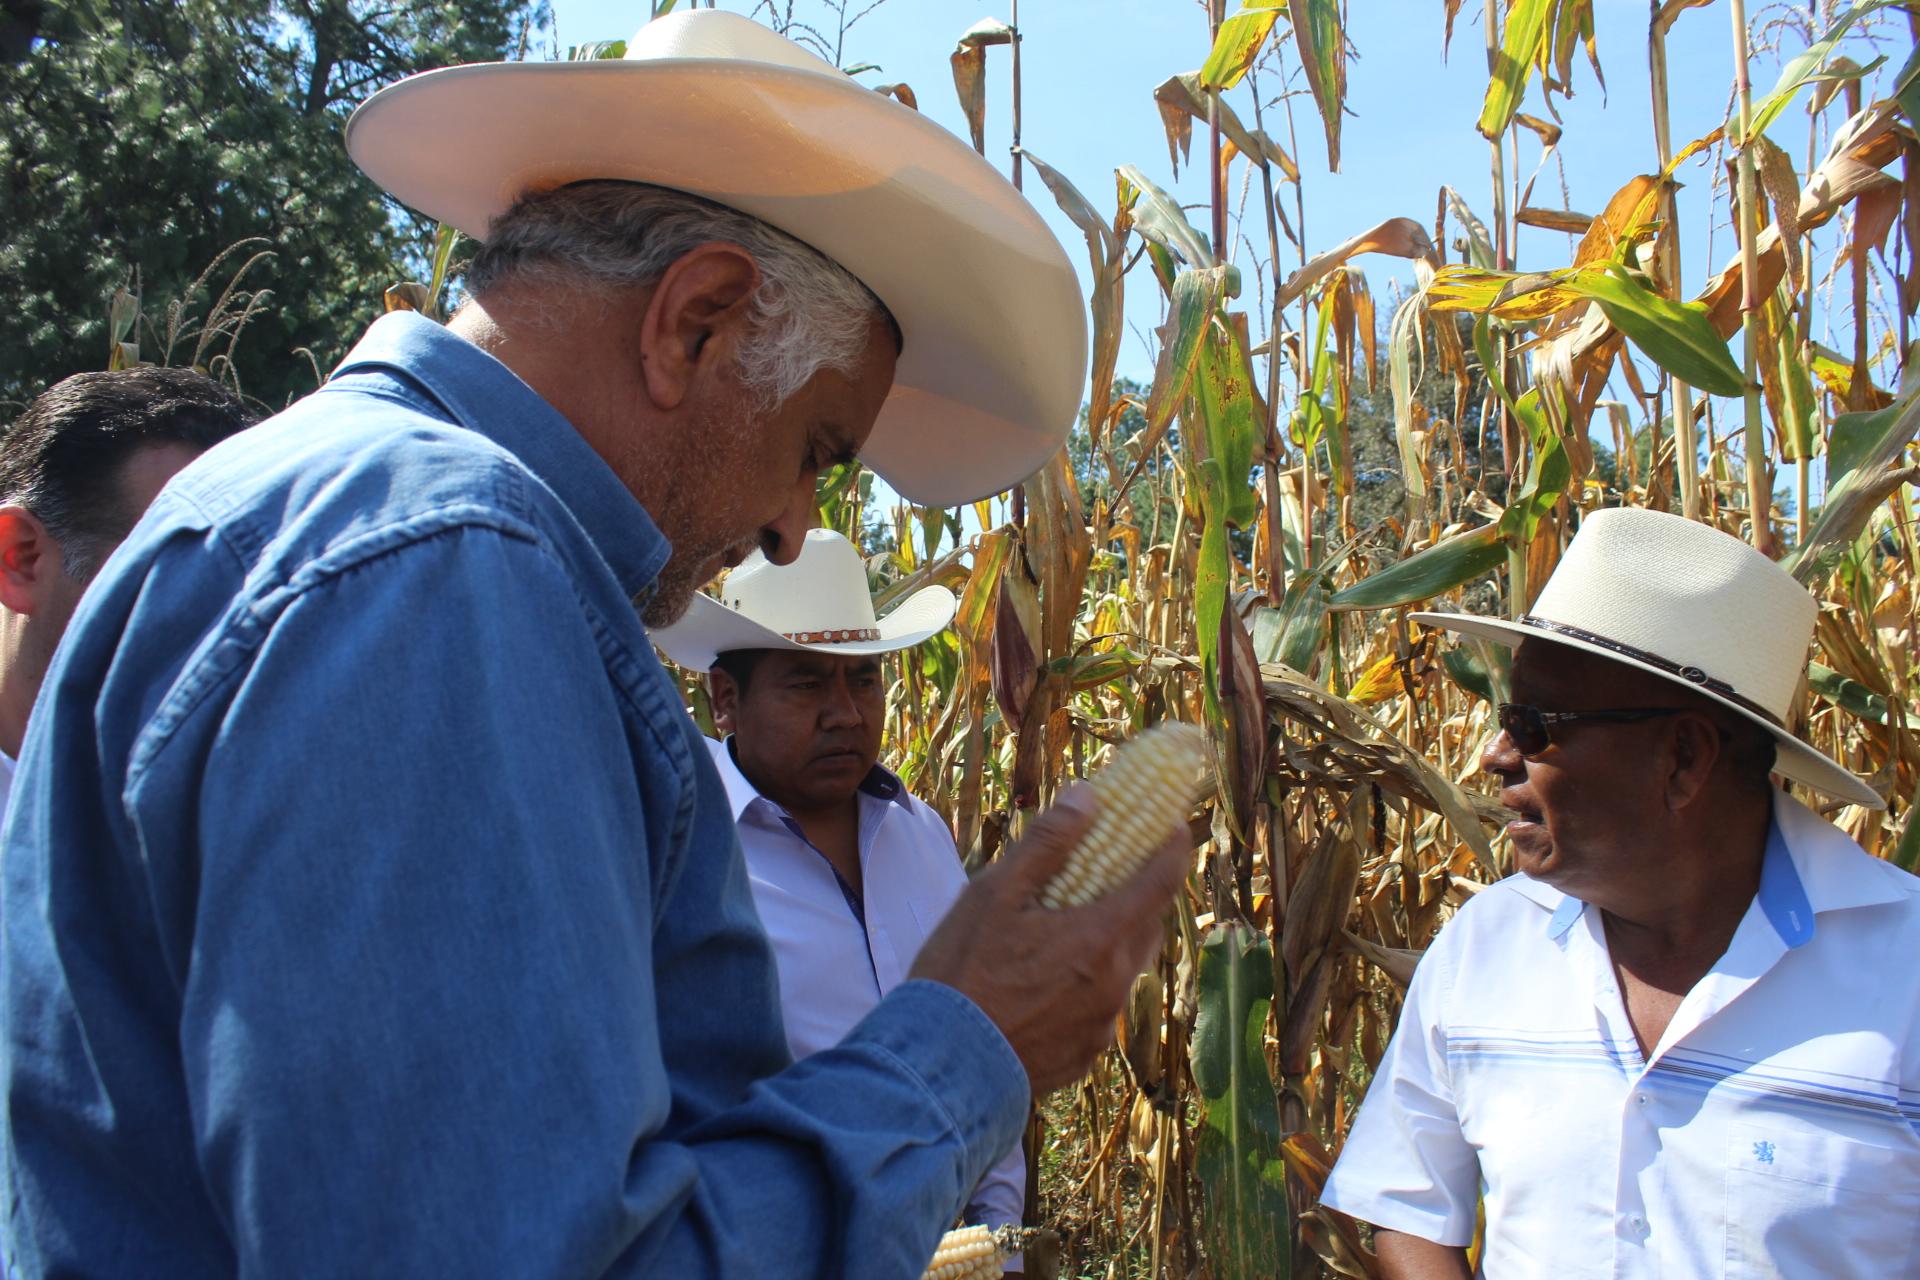 Peligra la siembra de maíz y sorgo en Izúcar debido a la pandemia